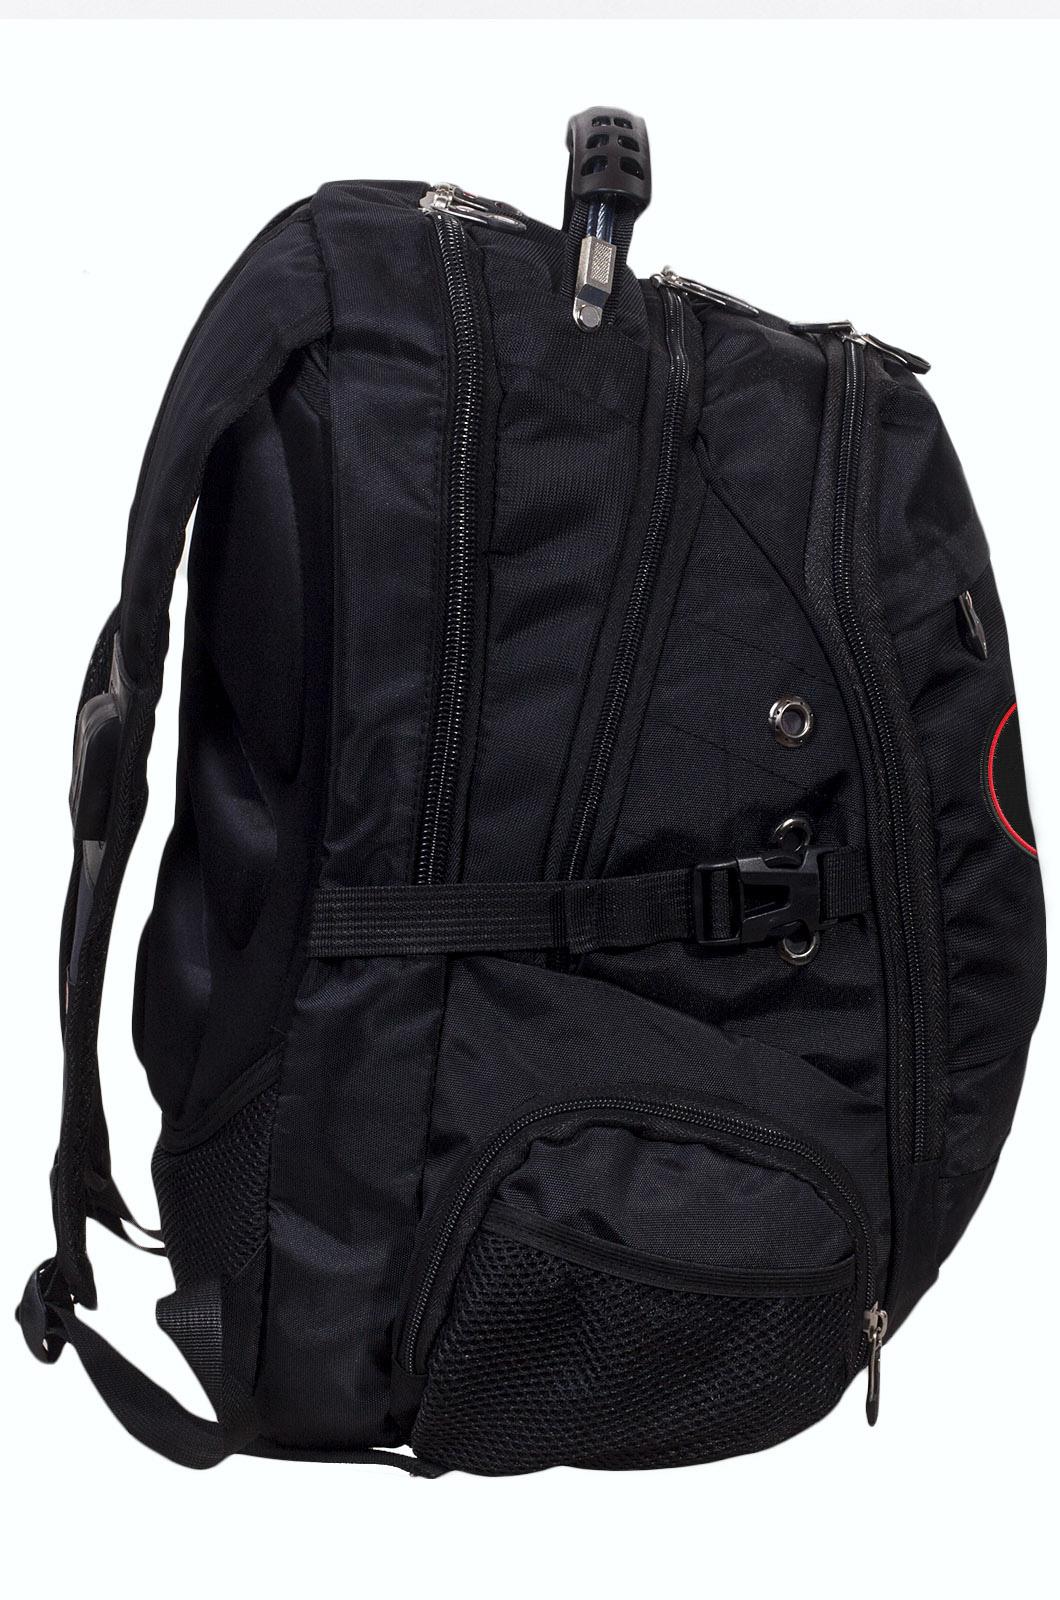 Заказать многофункциональный черный рюкзак  шевроном Каратель